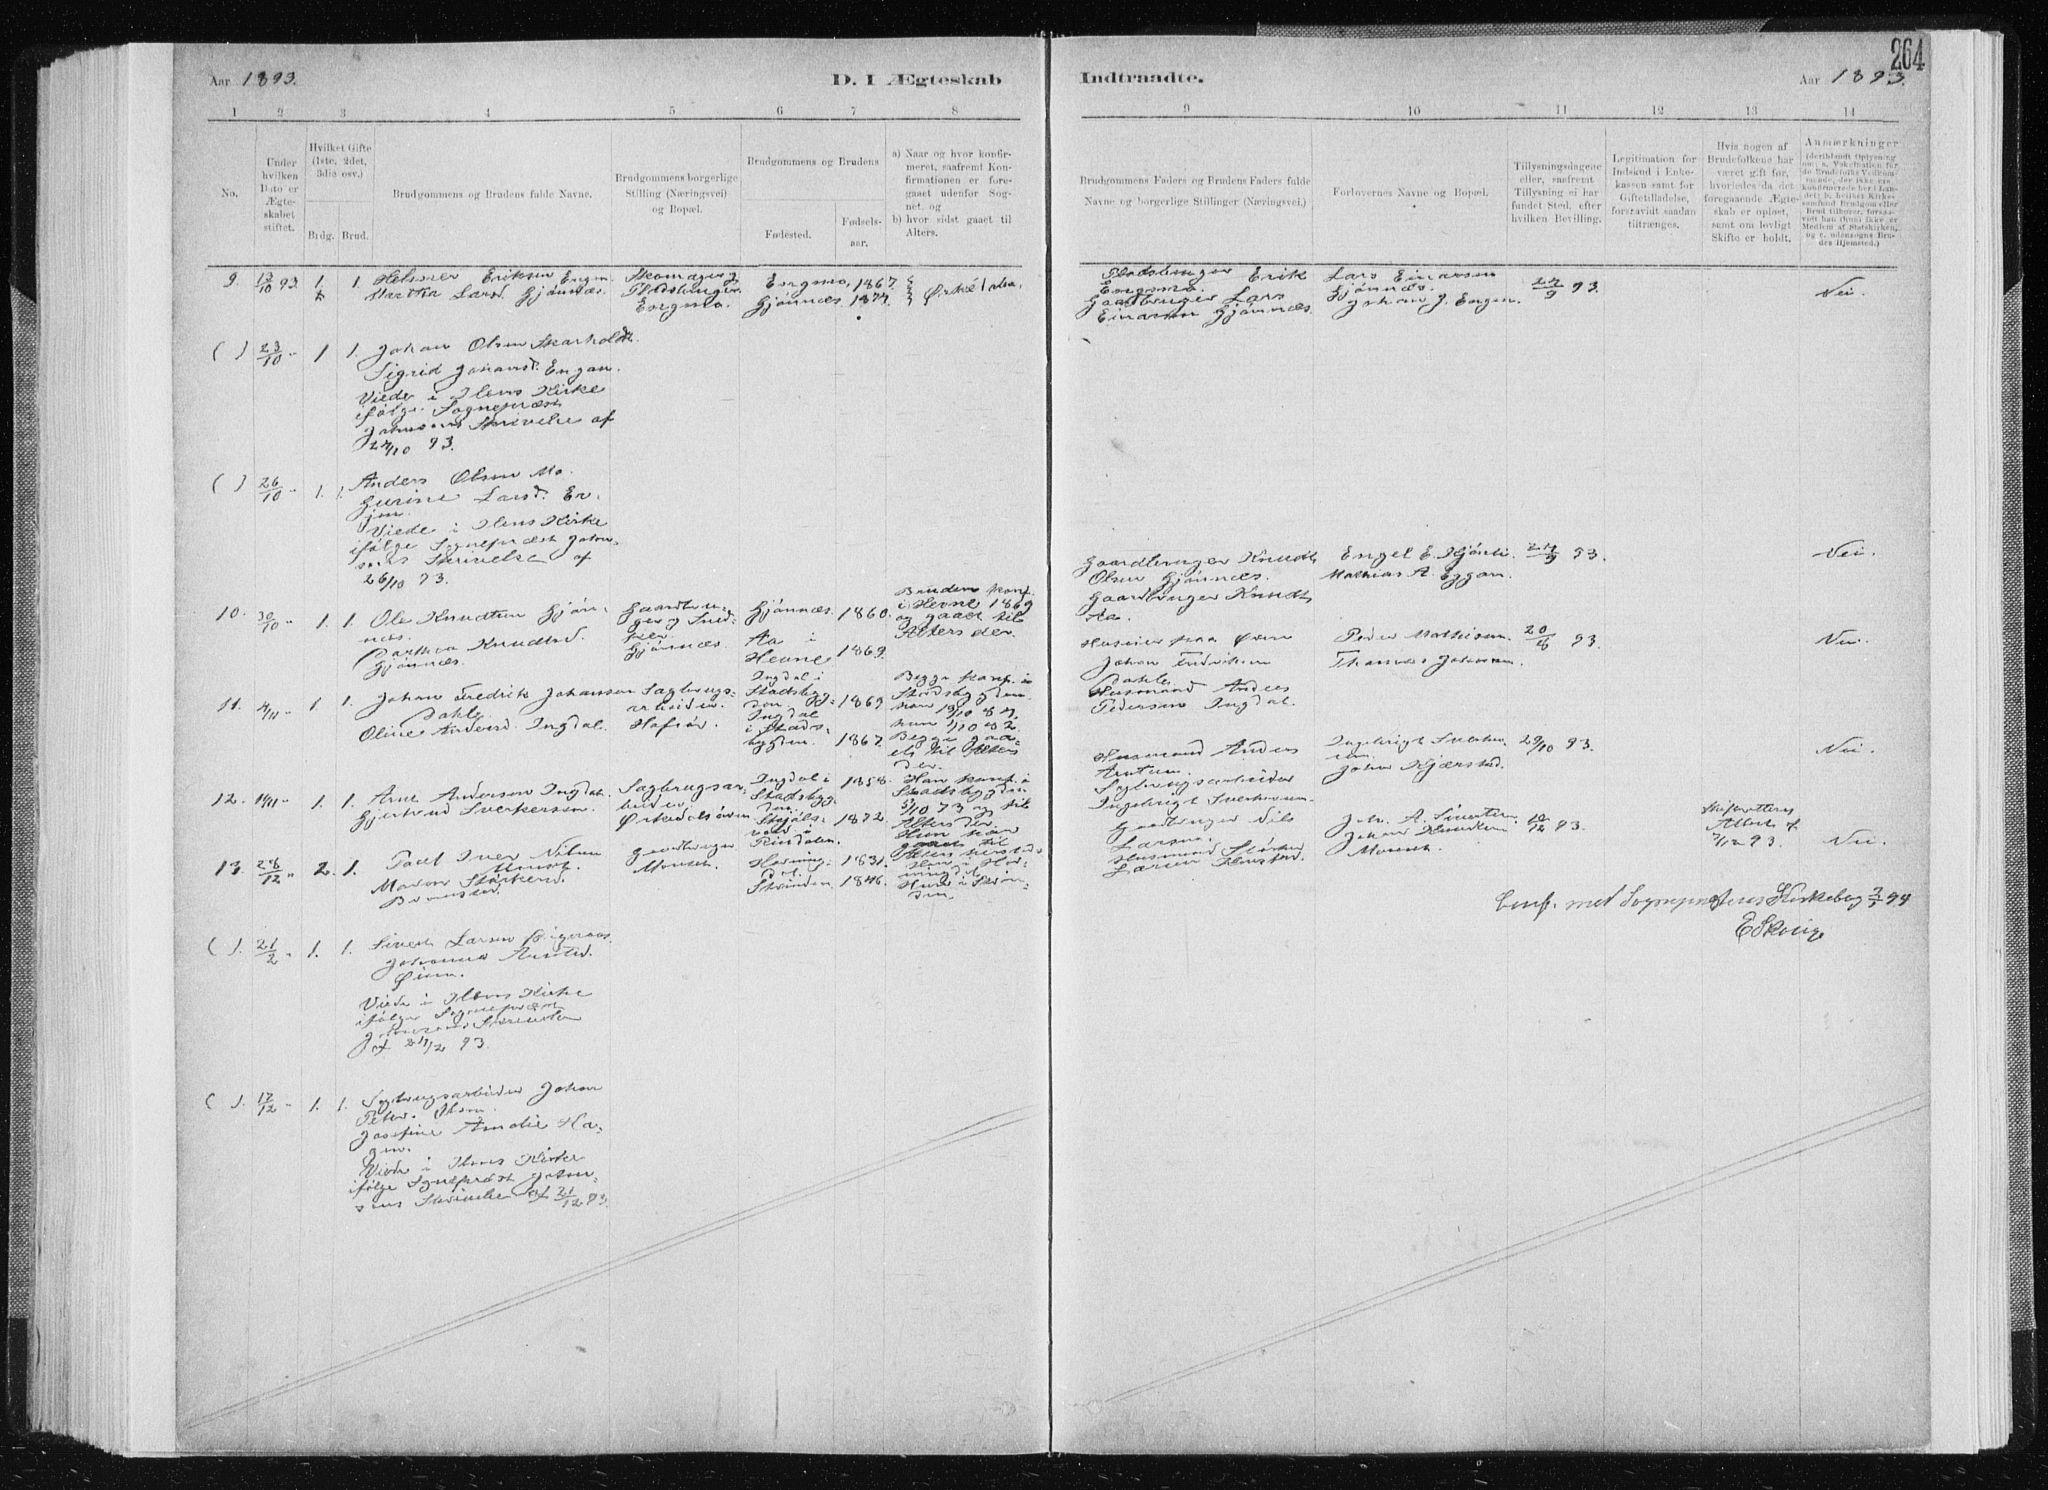 SAT, Ministerialprotokoller, klokkerbøker og fødselsregistre - Sør-Trøndelag, 668/L0818: Klokkerbok nr. 668C07, 1885-1898, s. 264